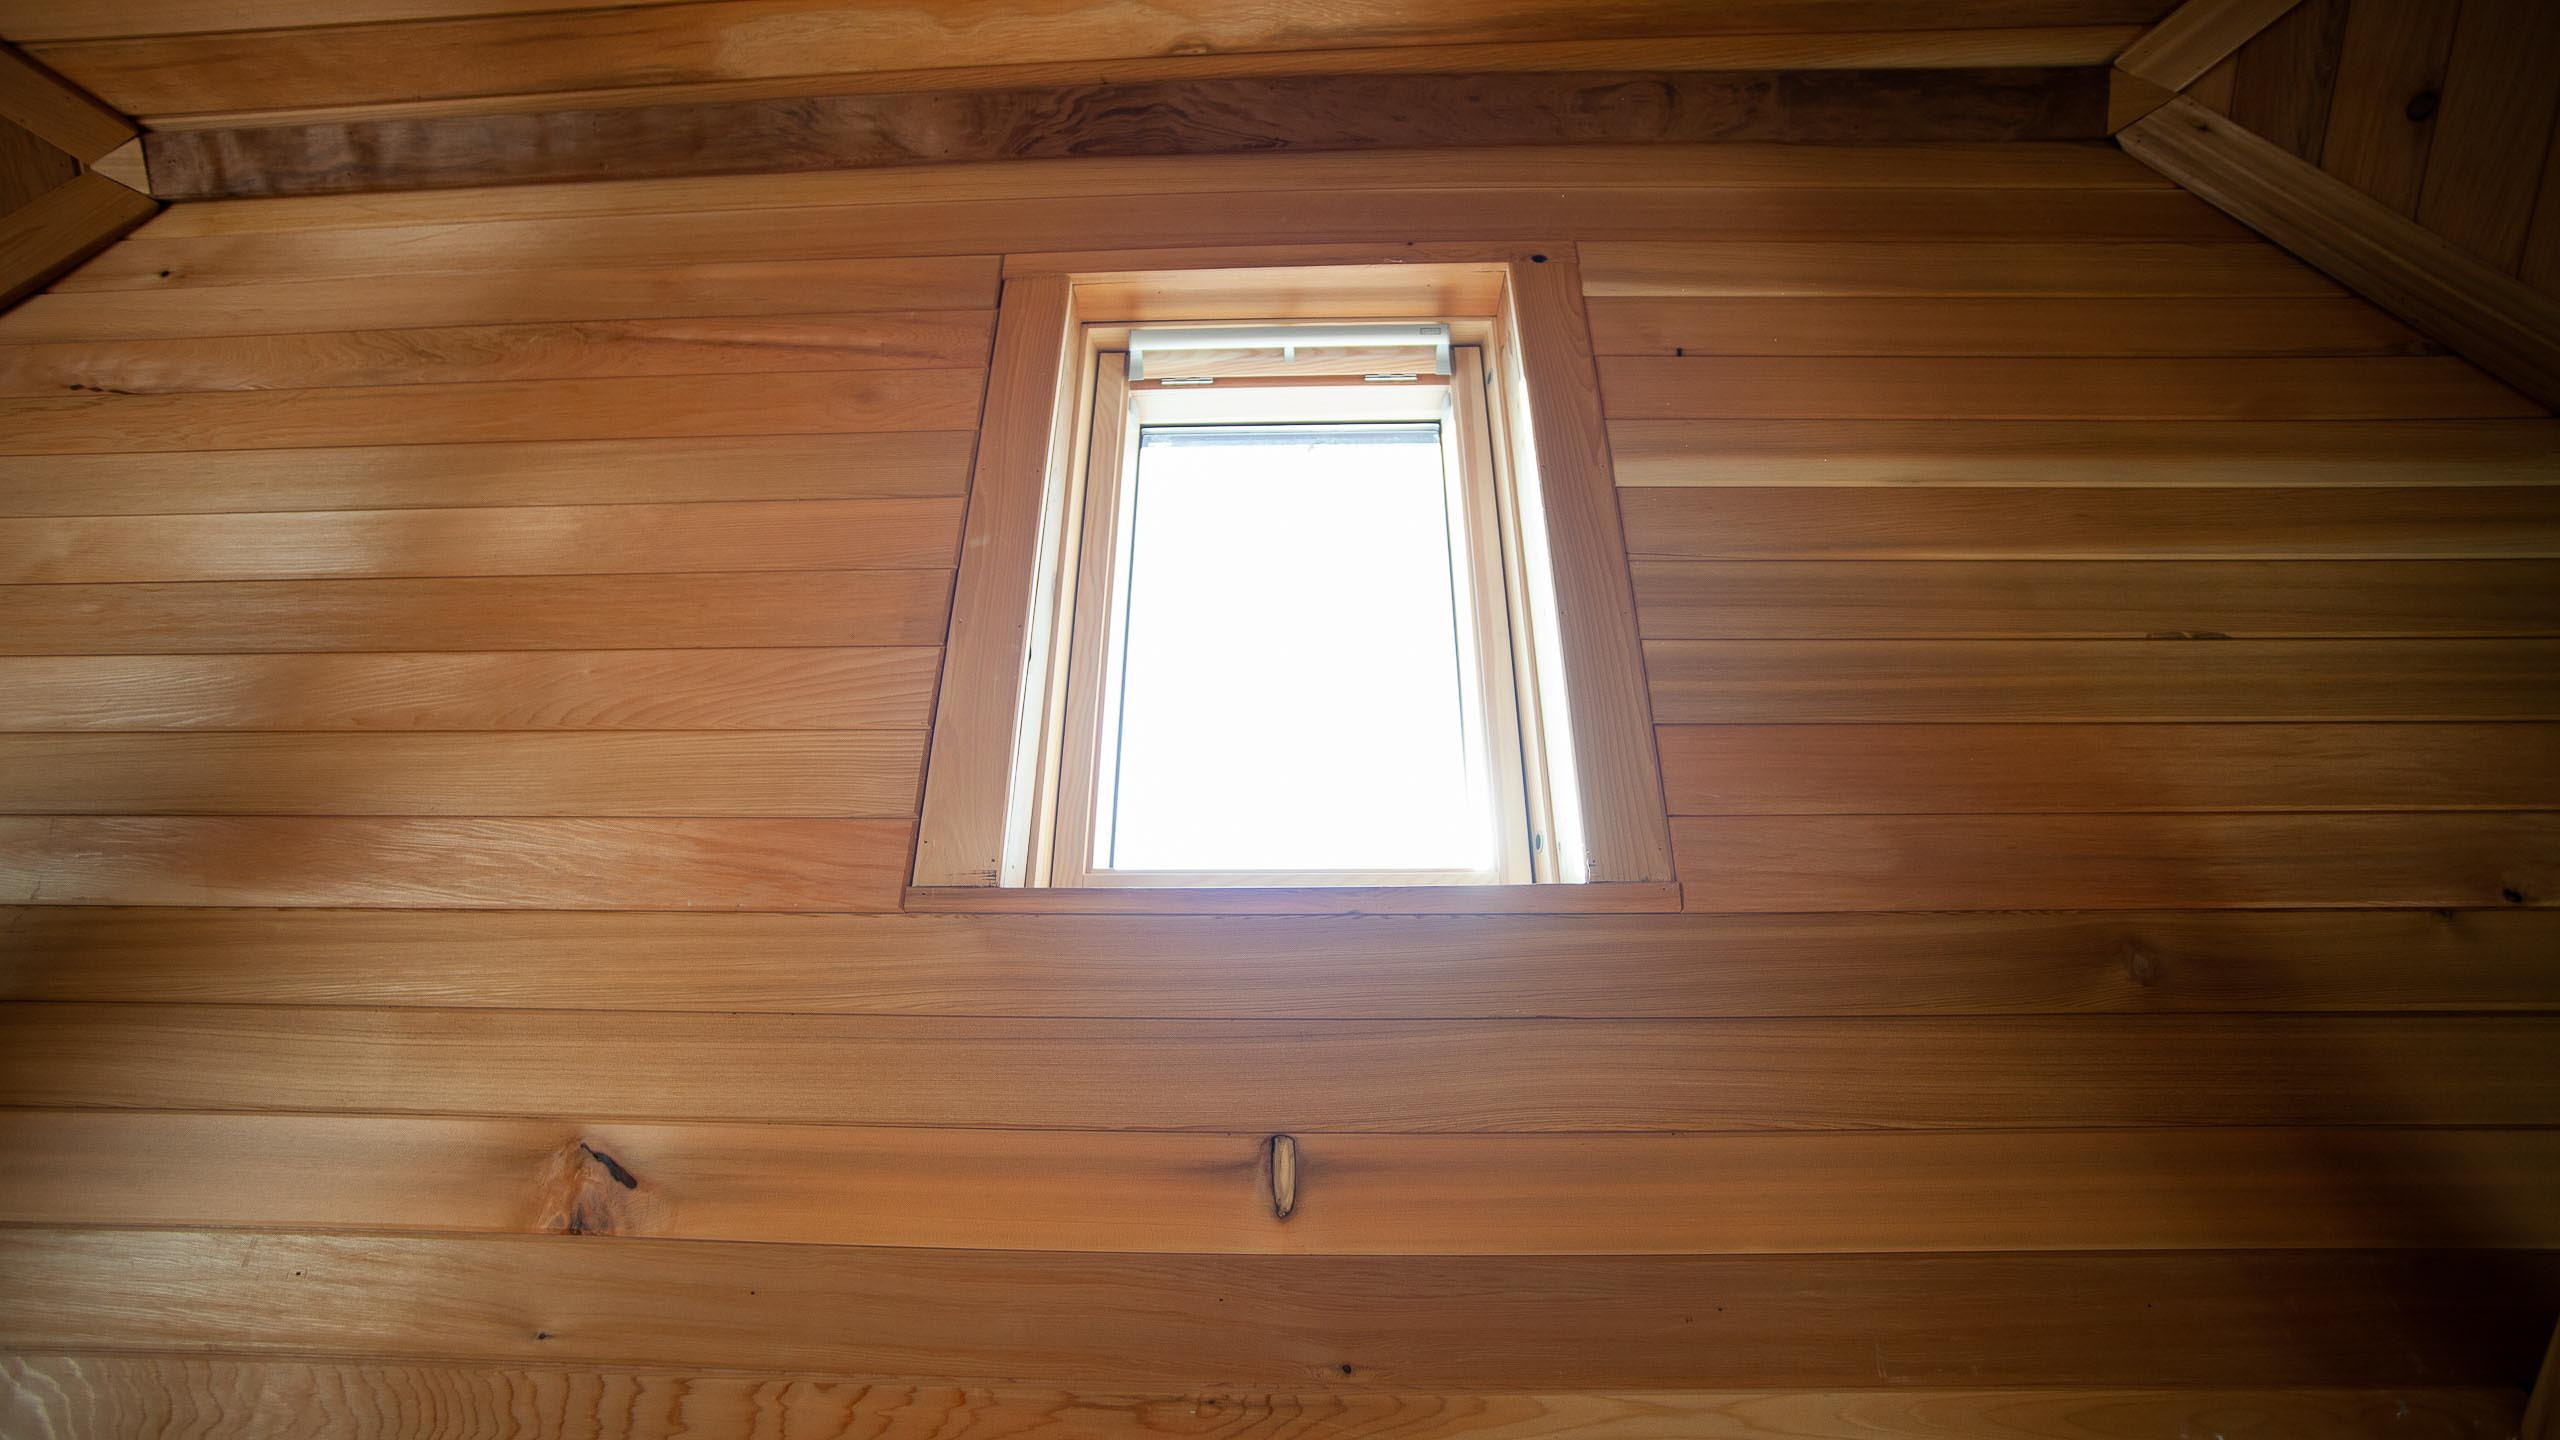 sky light in wood panelled studio ceiling - building work by RJ Steele builders in Sussex